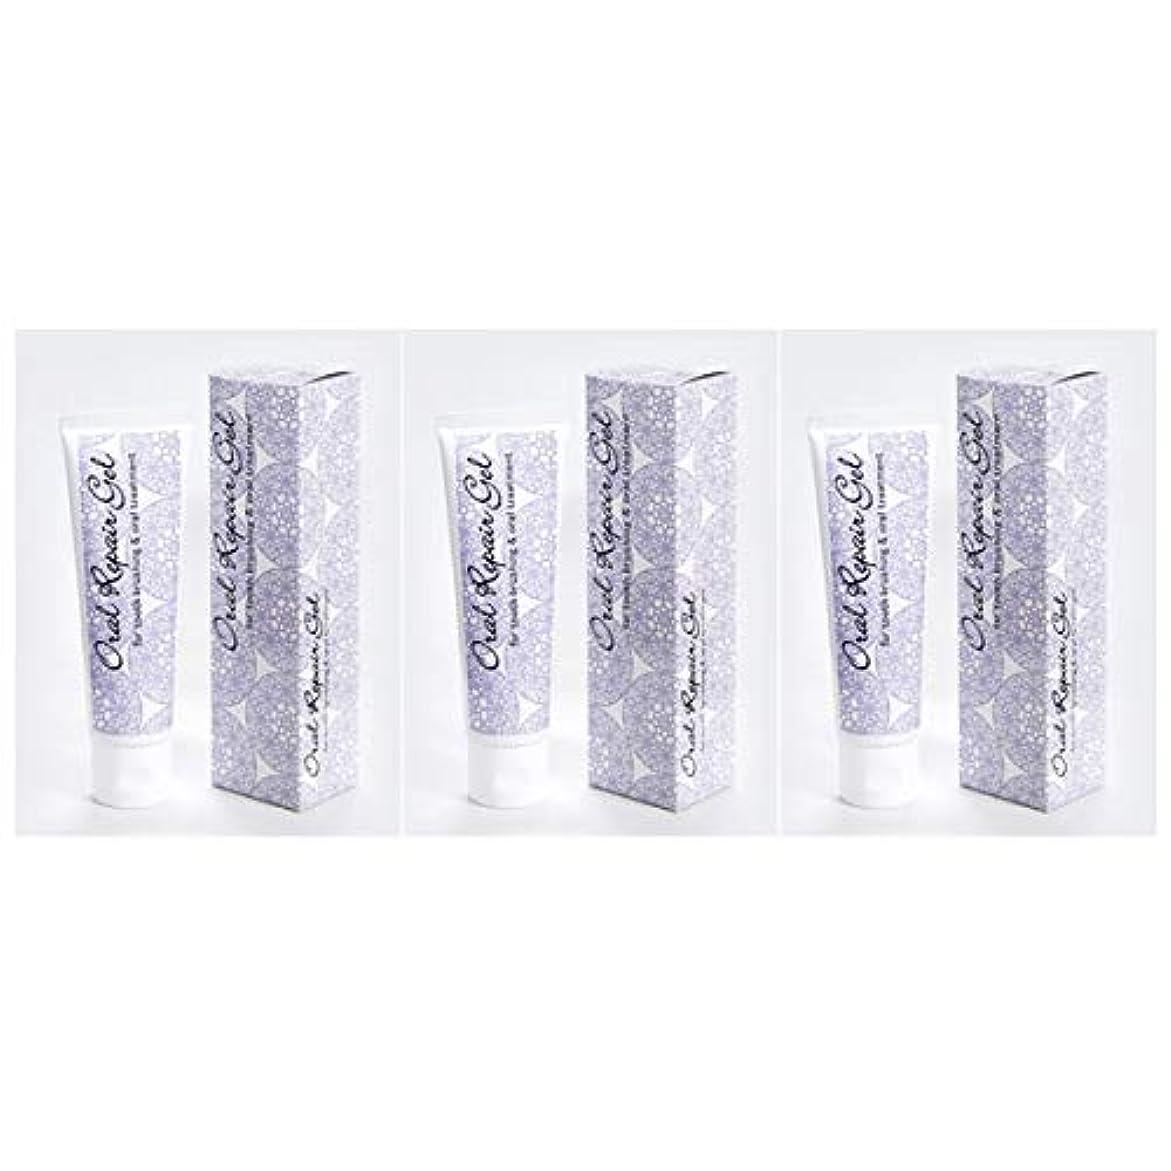 虹魅力的であることへのアピールウィスキーオーラルリペアジェル3個セット(80g×3個) 天然アパタイト+乳酸菌生産物質配合の無添加歯磨き剤